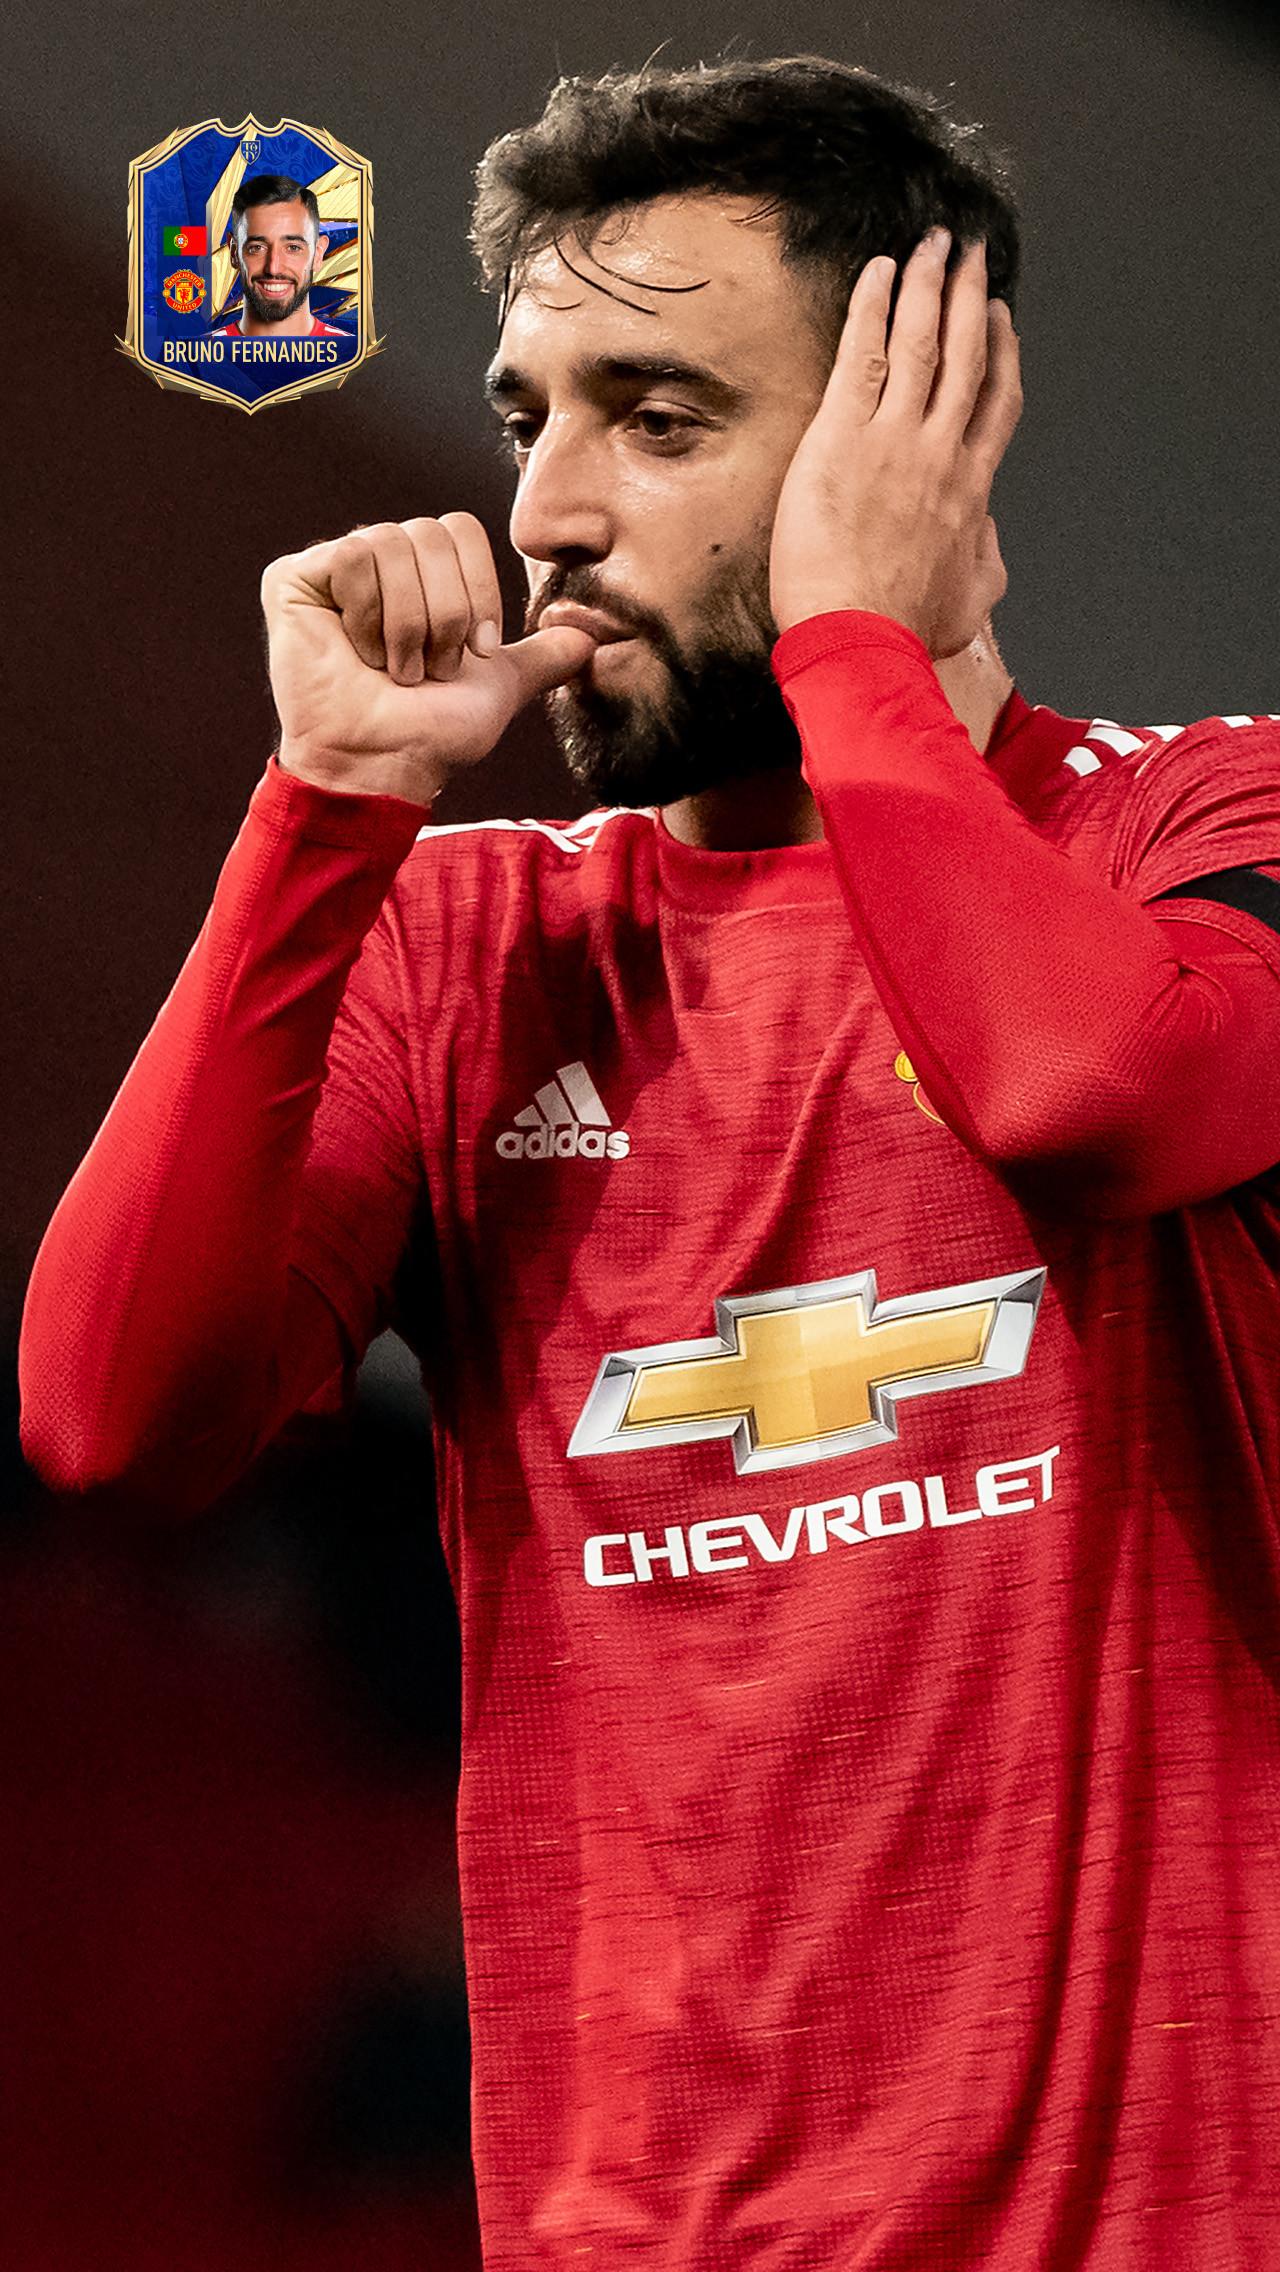 Центральный полузащитник: Бруну Фернандеш («Манчестер Юнайтед»)